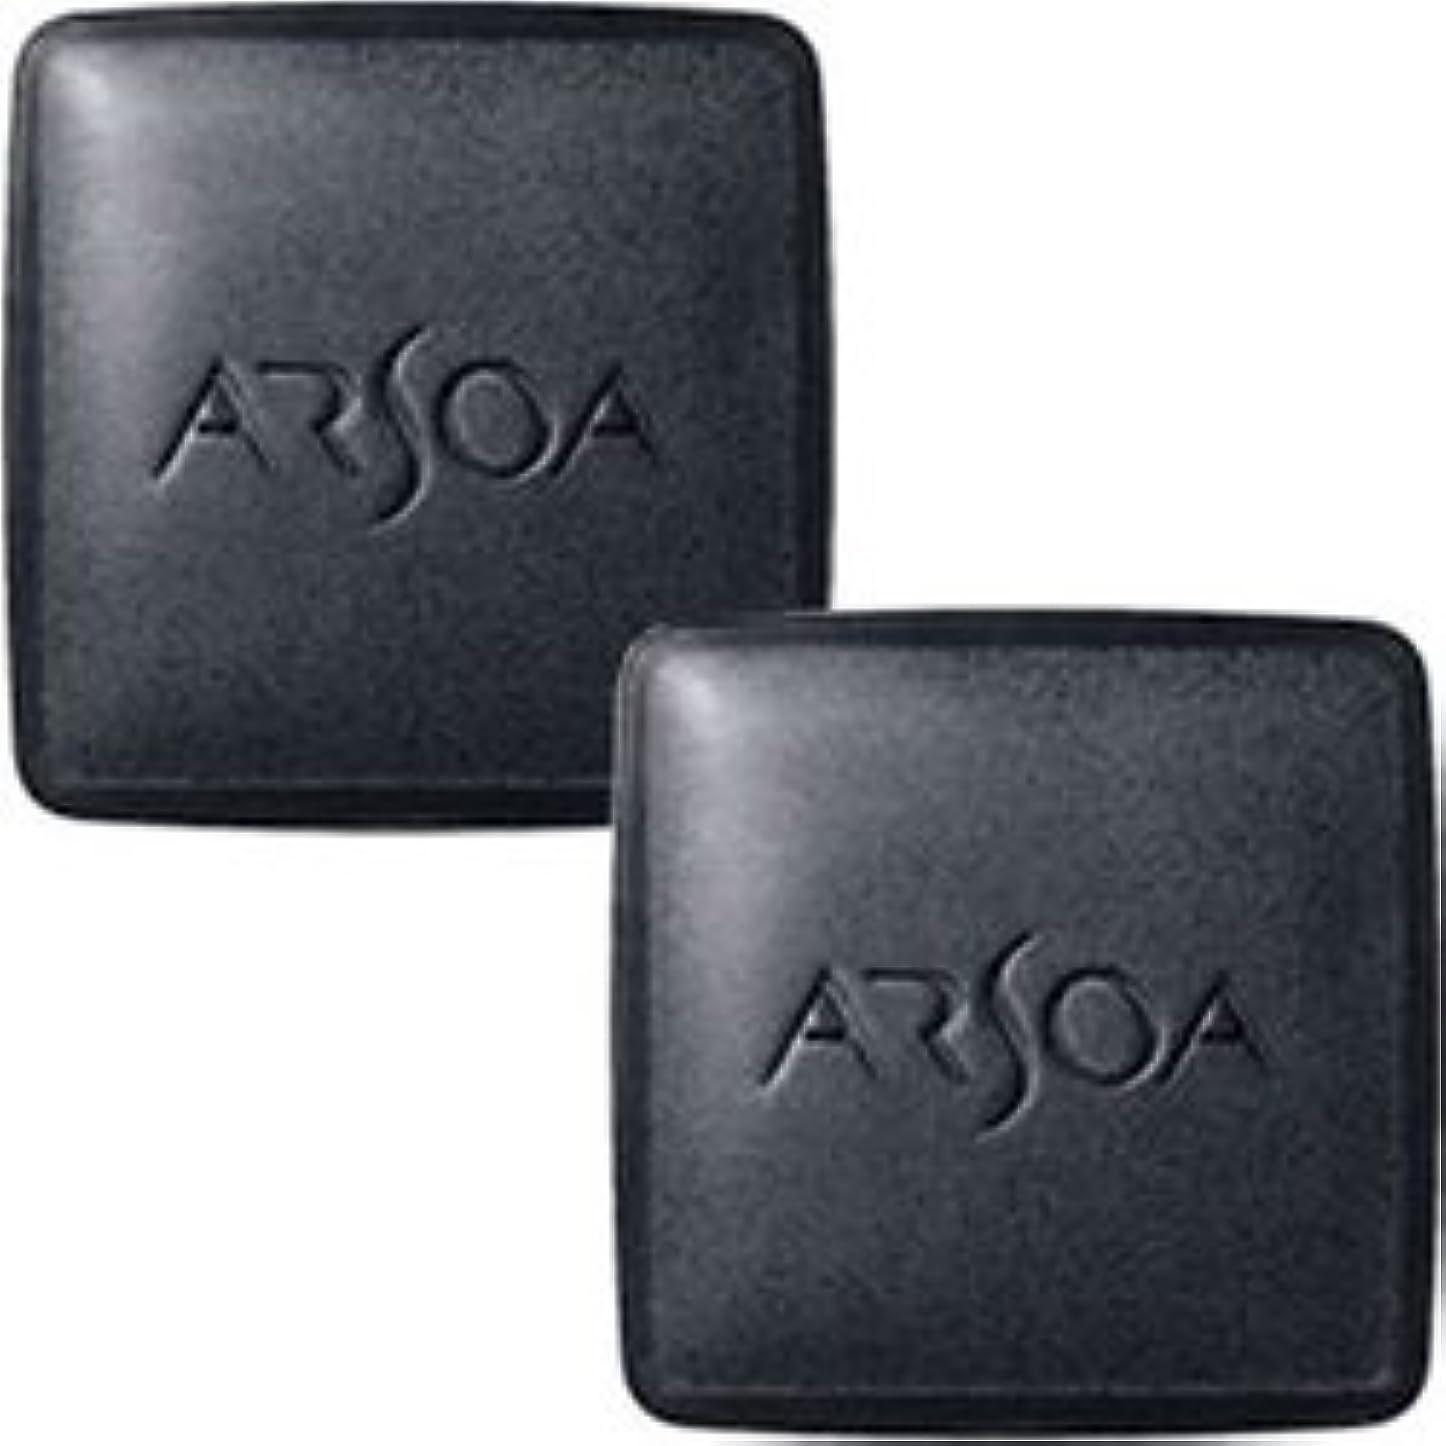 チャーミングクラウド変位アルソア(ARSOA) クイーンシルバー メイトサイズ(20g×2個入)[並行輸入品]